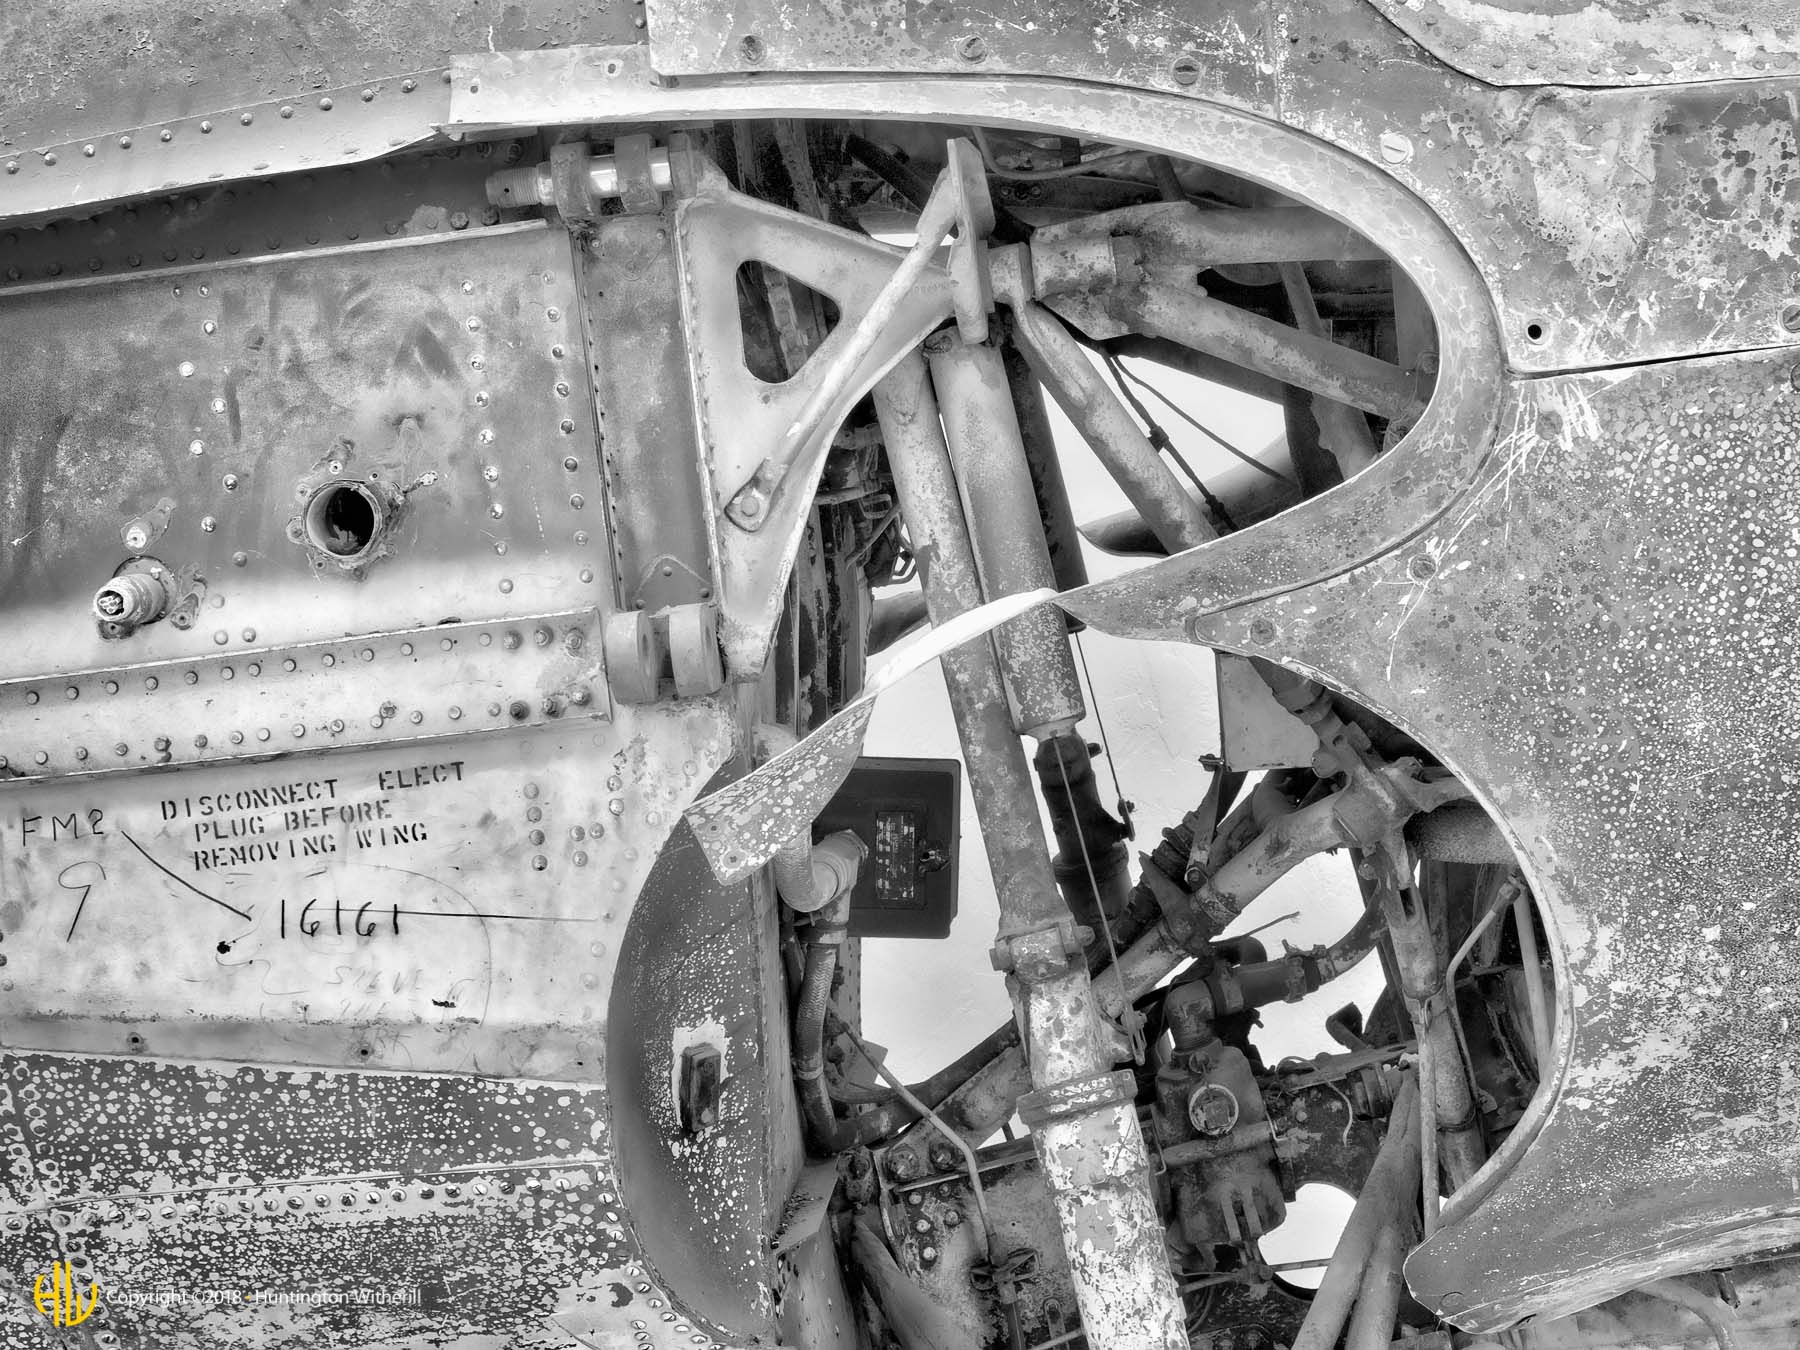 Airplane Skeleton #1, Tucson, AZ, 2008